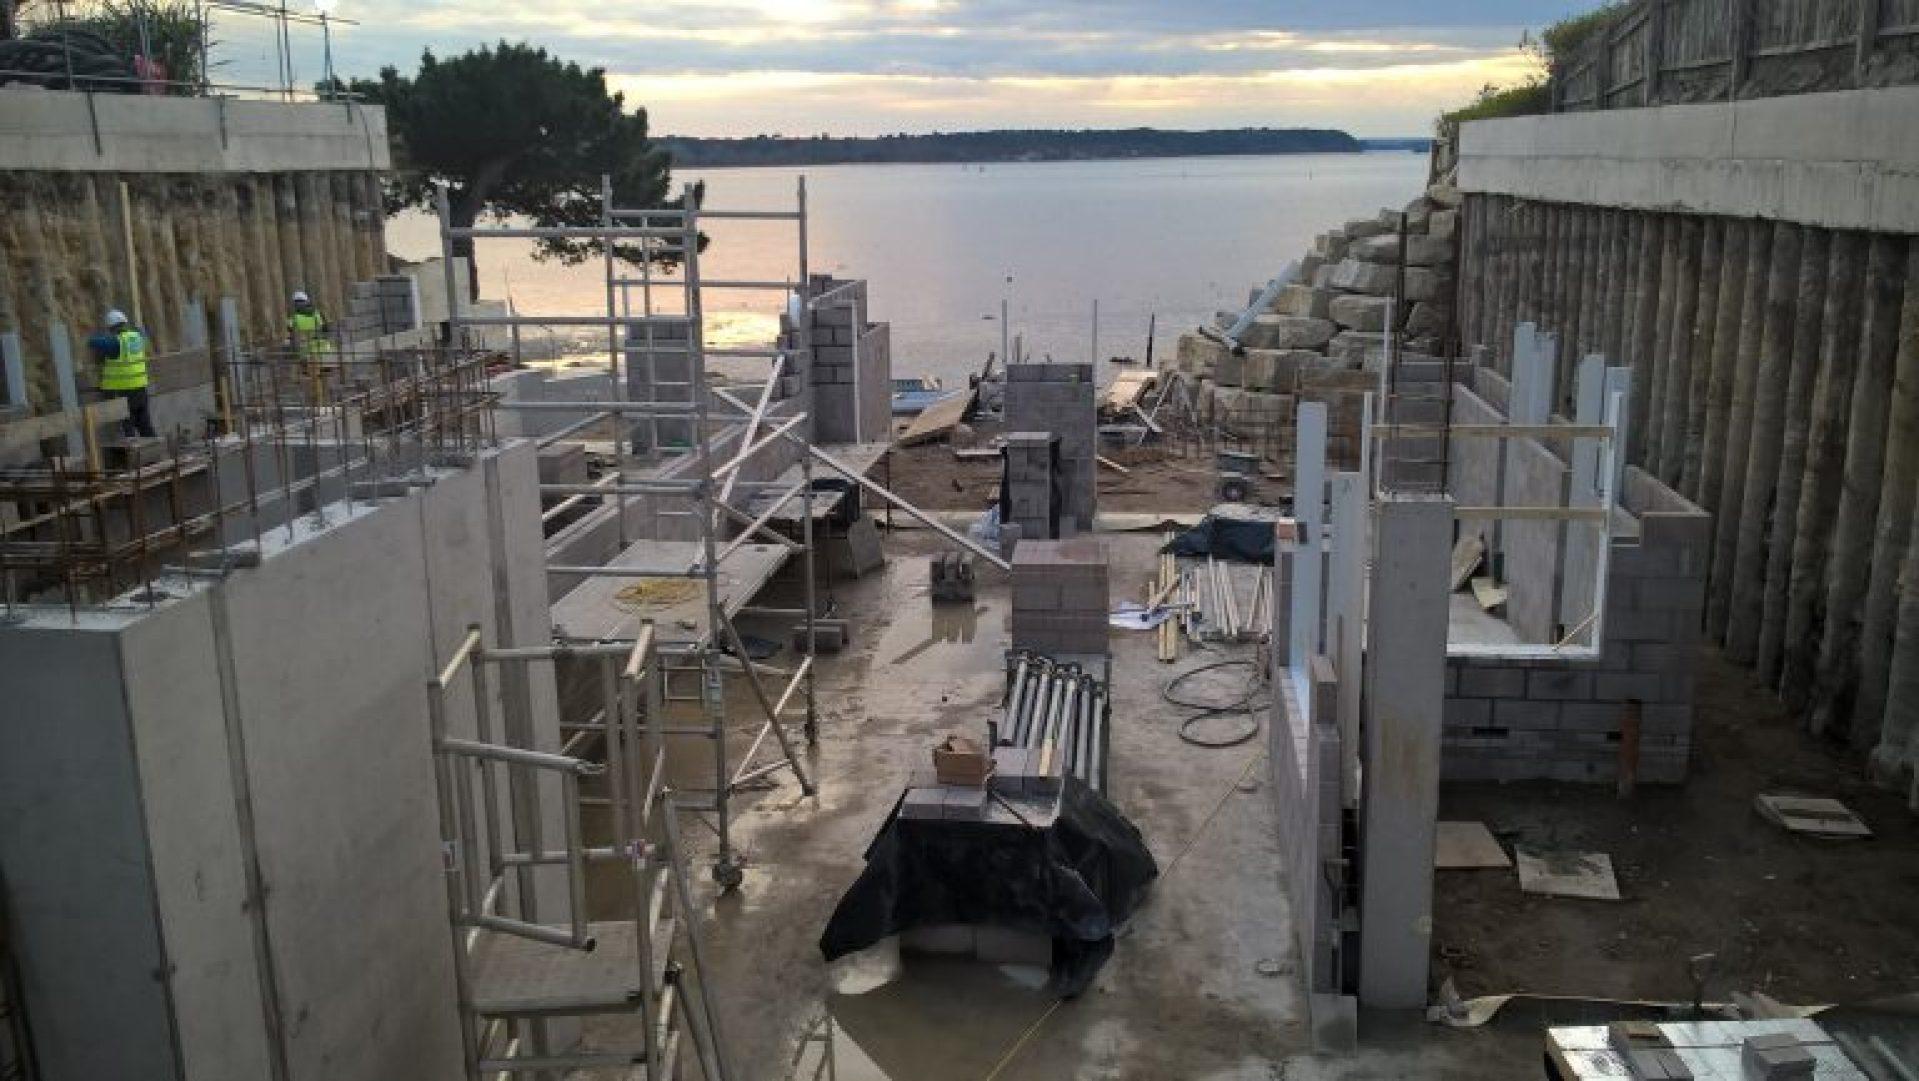 Concrete walls under construction